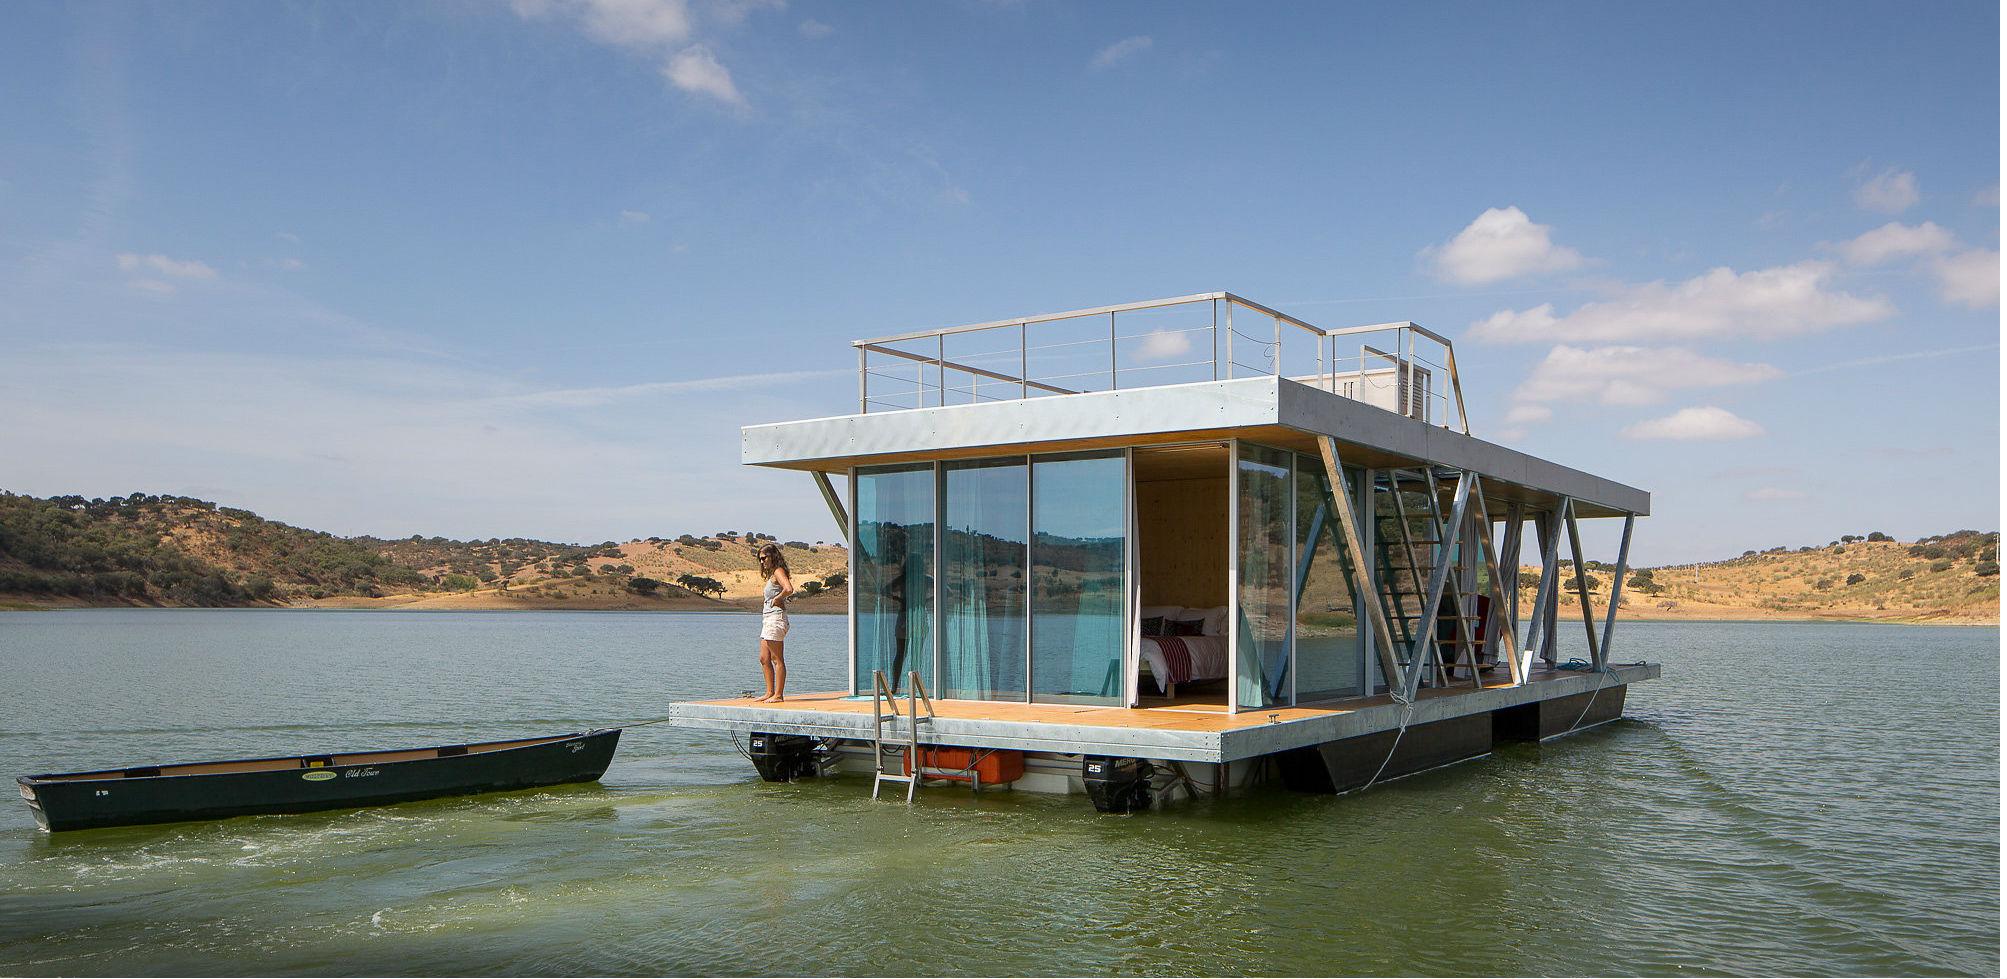 casas flotantes de lujo una alternativa para huir de las torres de pisos